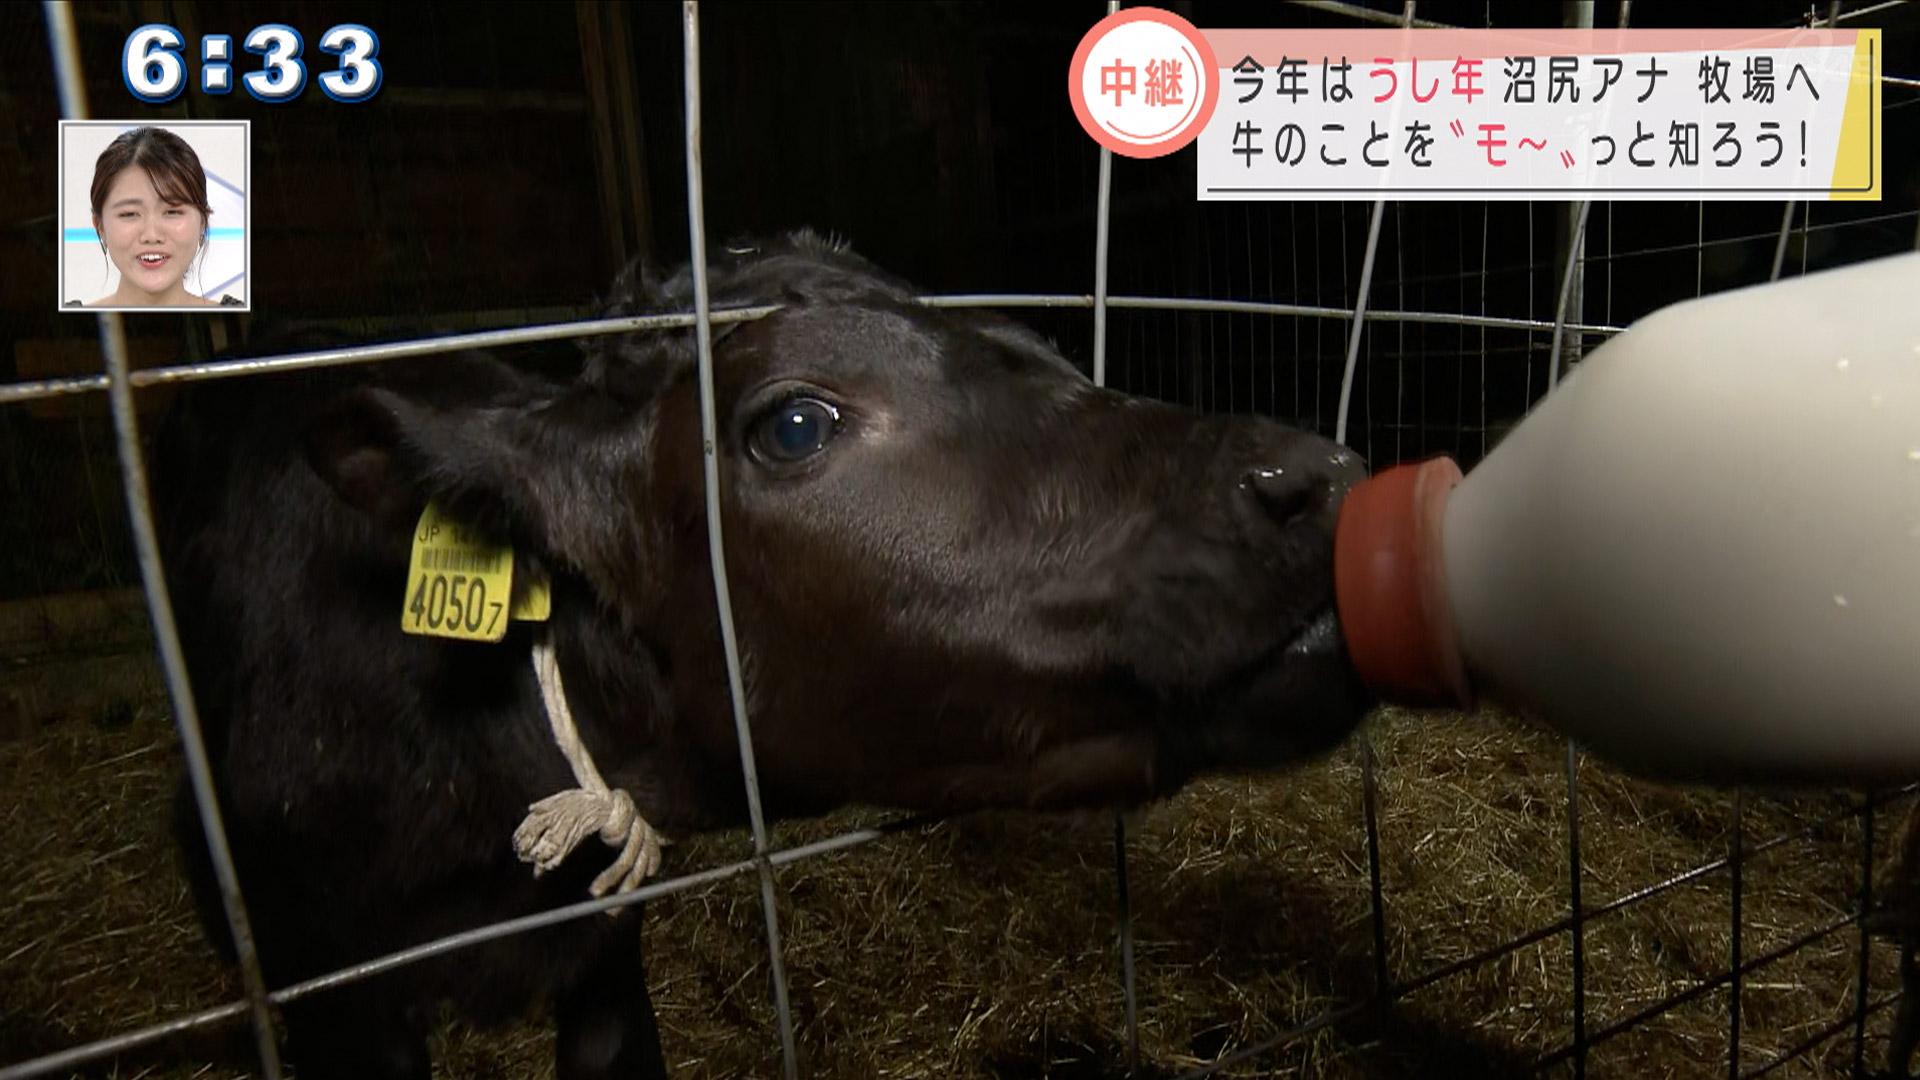 中継 沼尻アナ 牧場へ向COW!